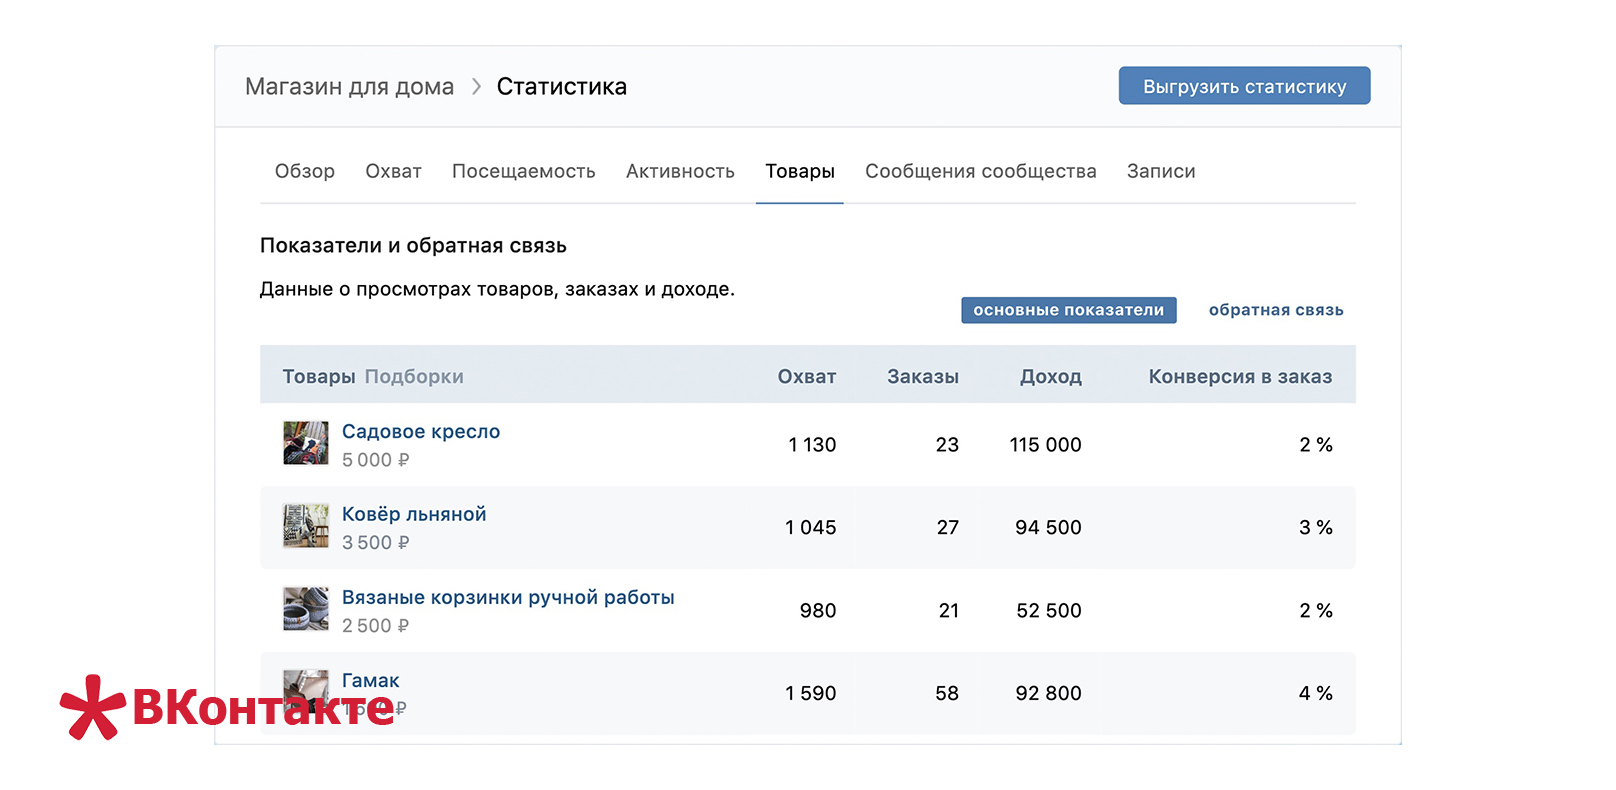 В сообществах ВКонтакте появилась статистика по продажам